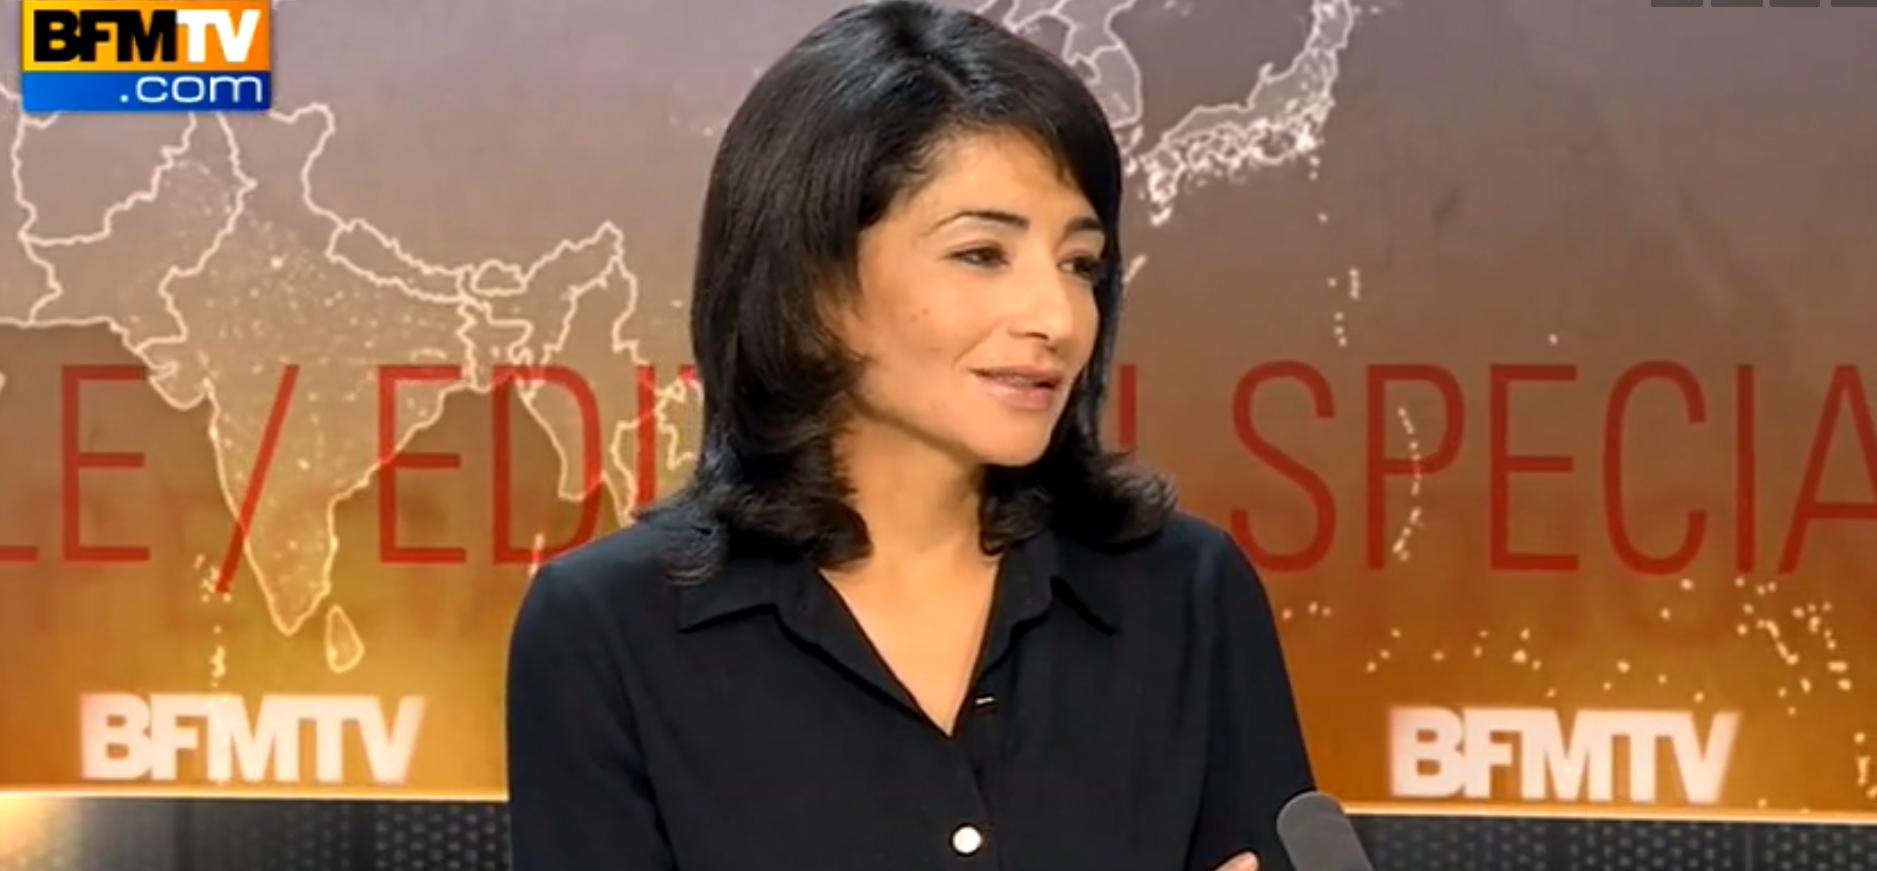 L'ex secrétaire d'Etat Jeannette Bougrab.